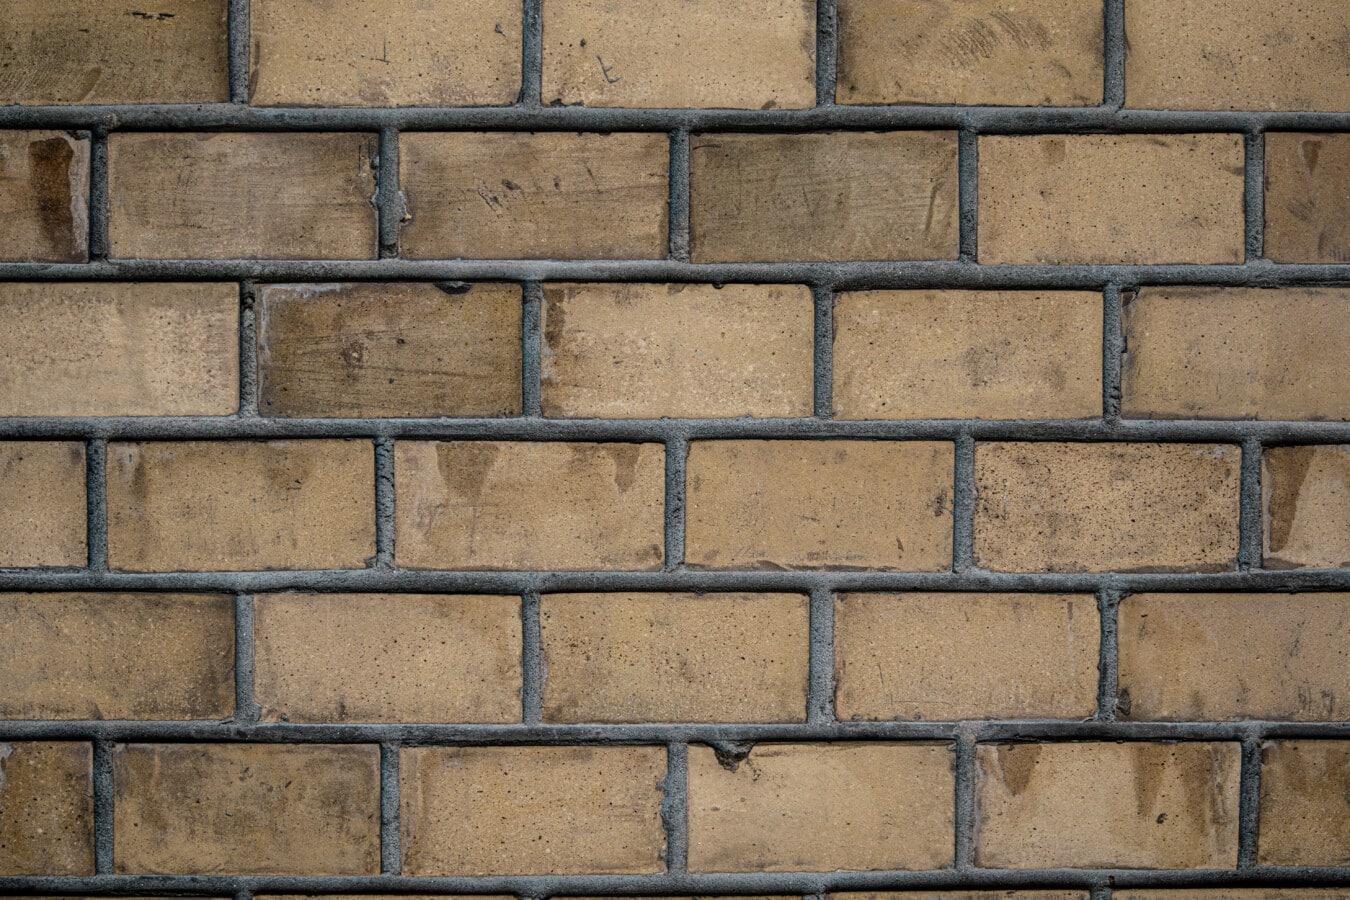 horizontal, Ziegel, Mauerwerk, Altmodisch, Mörtel, Beton, Wand, Zement, Gebäude, Oberfläche